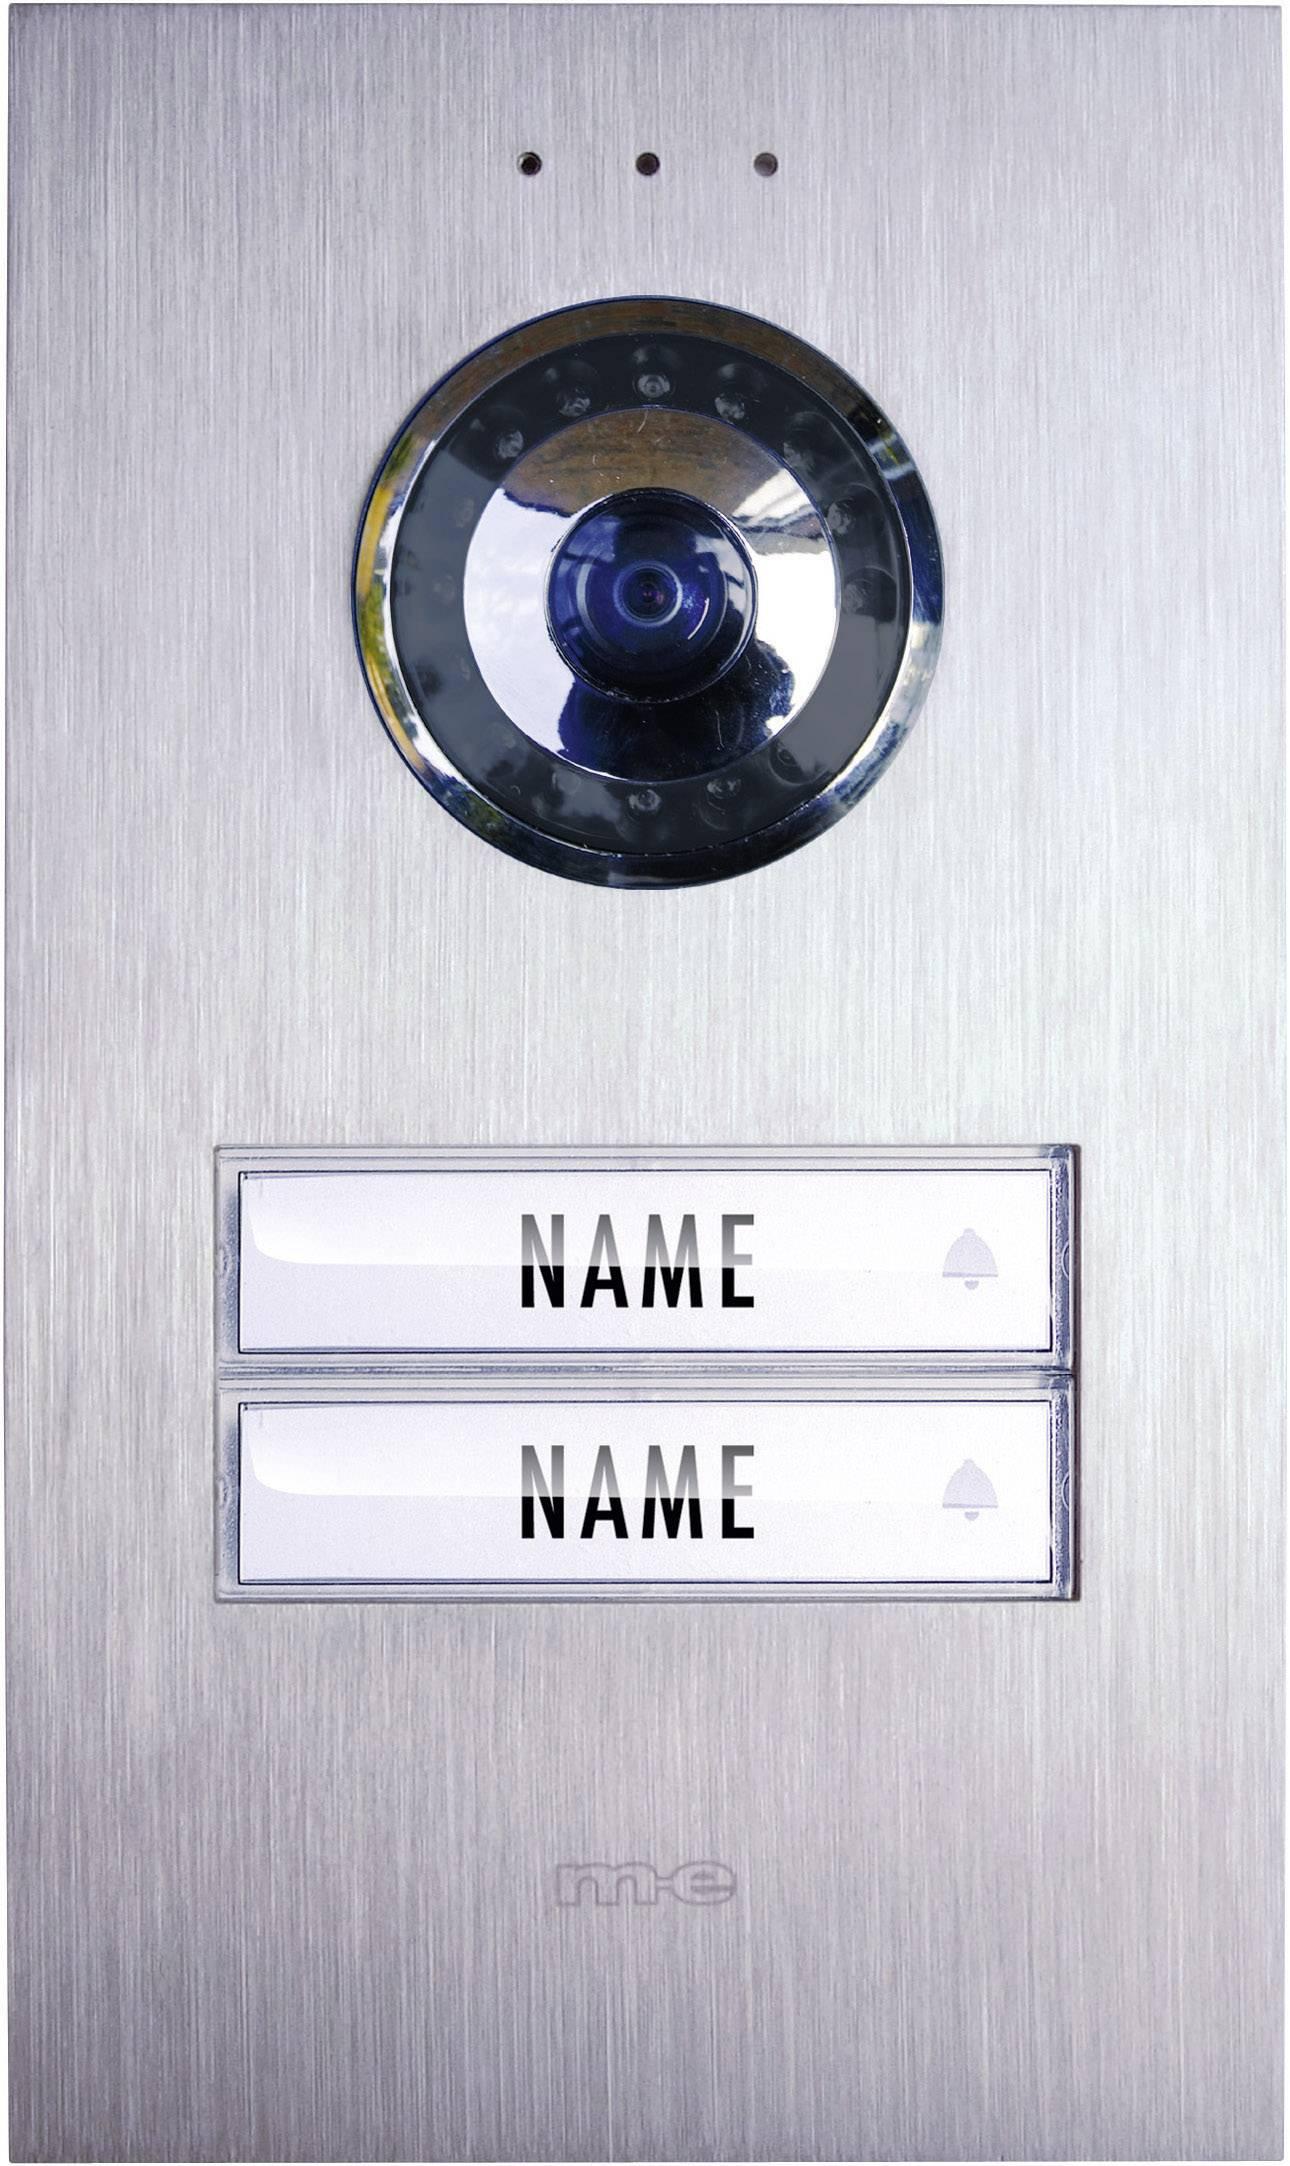 Video dverový telefón káblový m-e modern-electronics VDV 620 compact pre pre 2 domácnosti nerezová oceľ